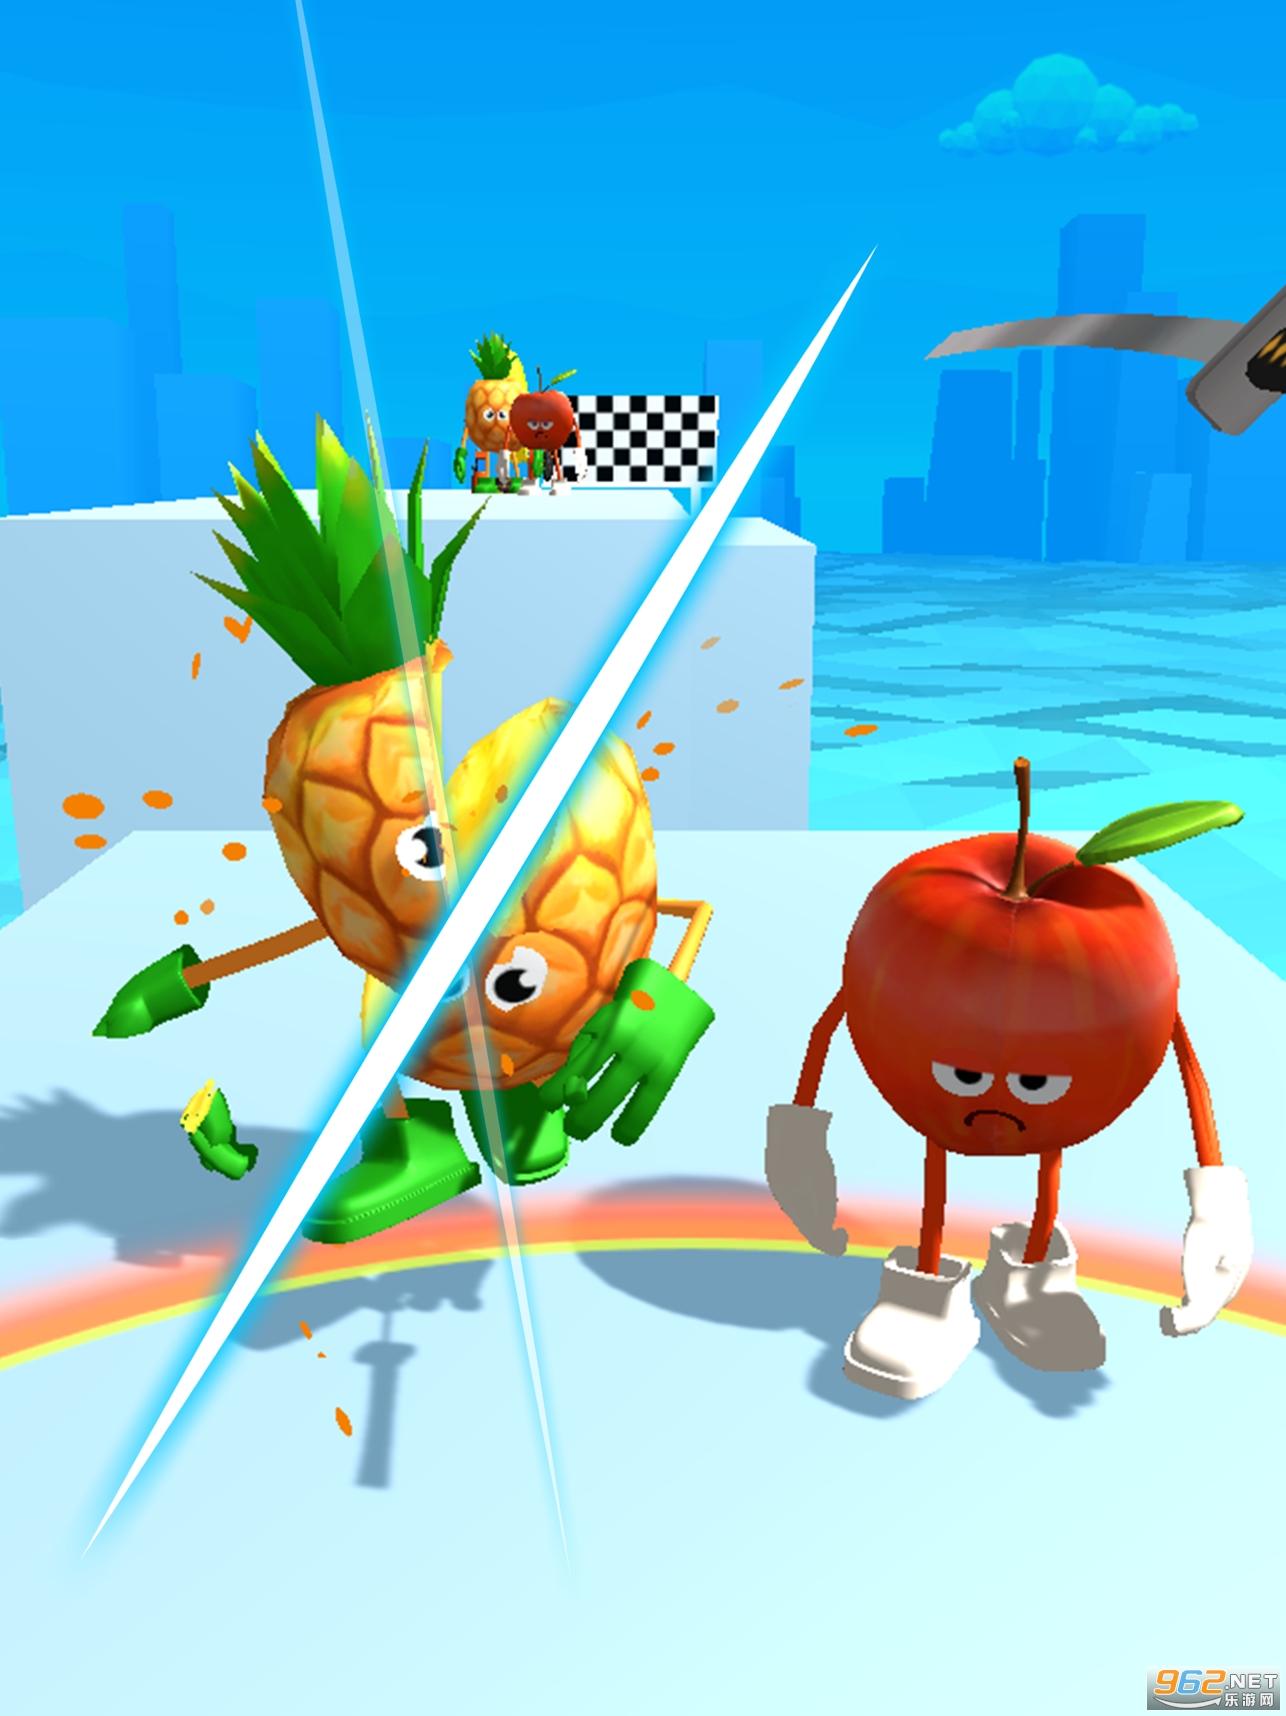 乱斩大师3D游戏Slash Masters 3Dv1.2 免费版截图1